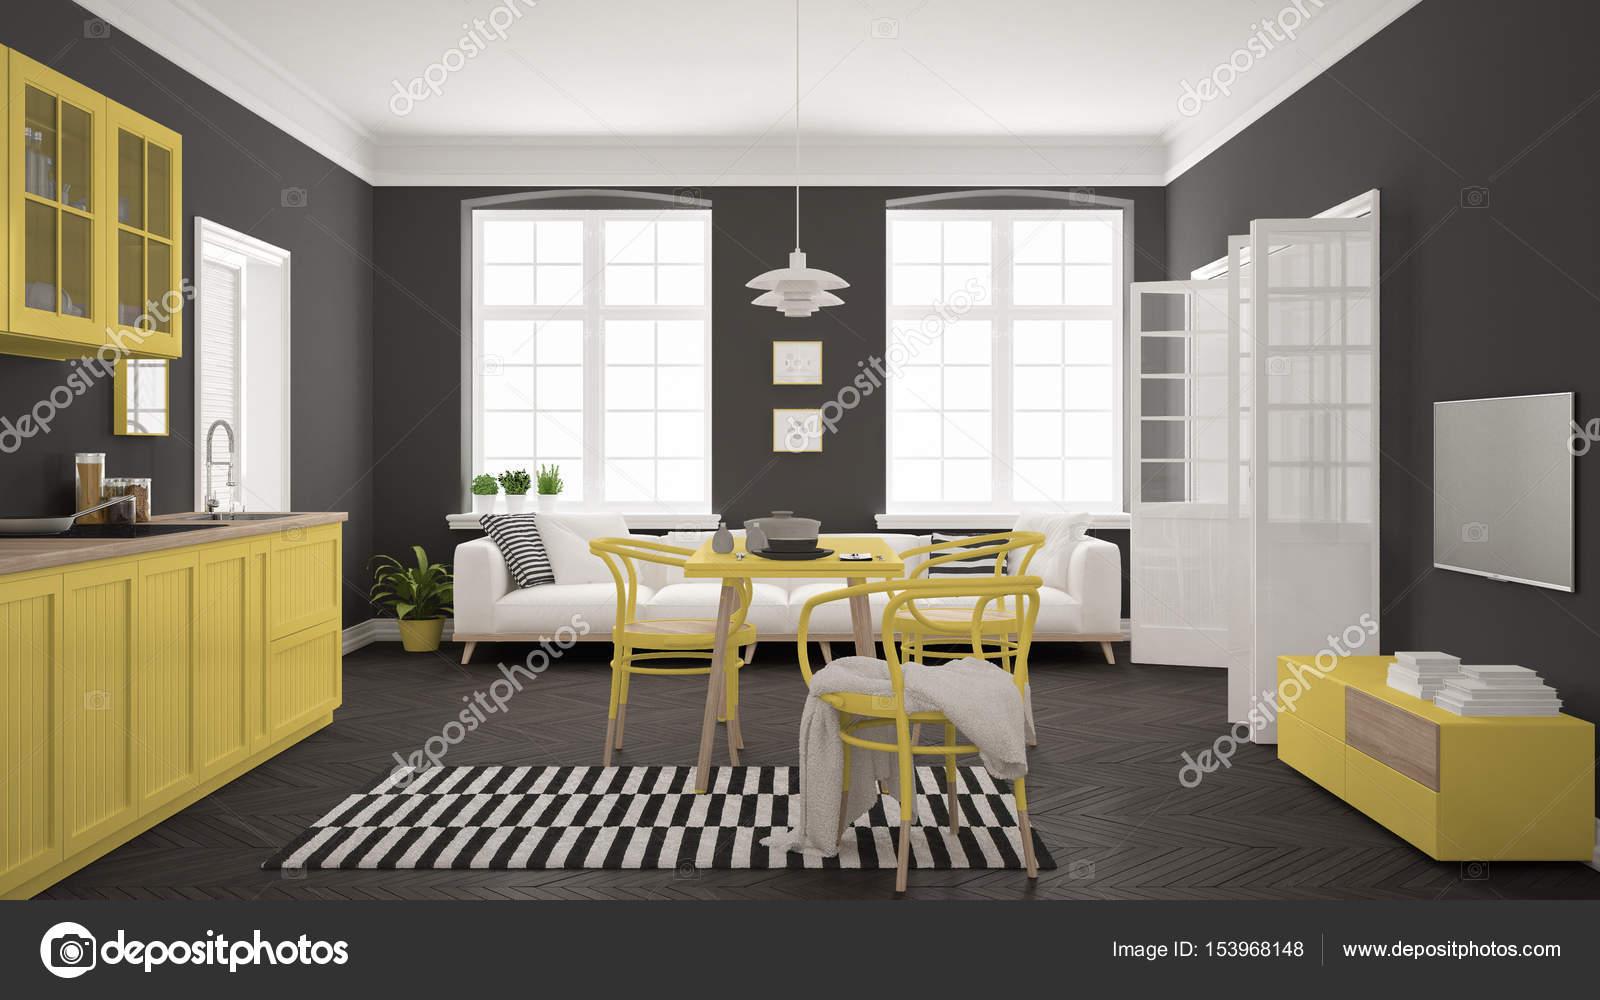 Schön Esstisch Wohnzimmer Das Beste Von Minimalistische Moderne Küche Mit Und Wohnzimmer, Whi